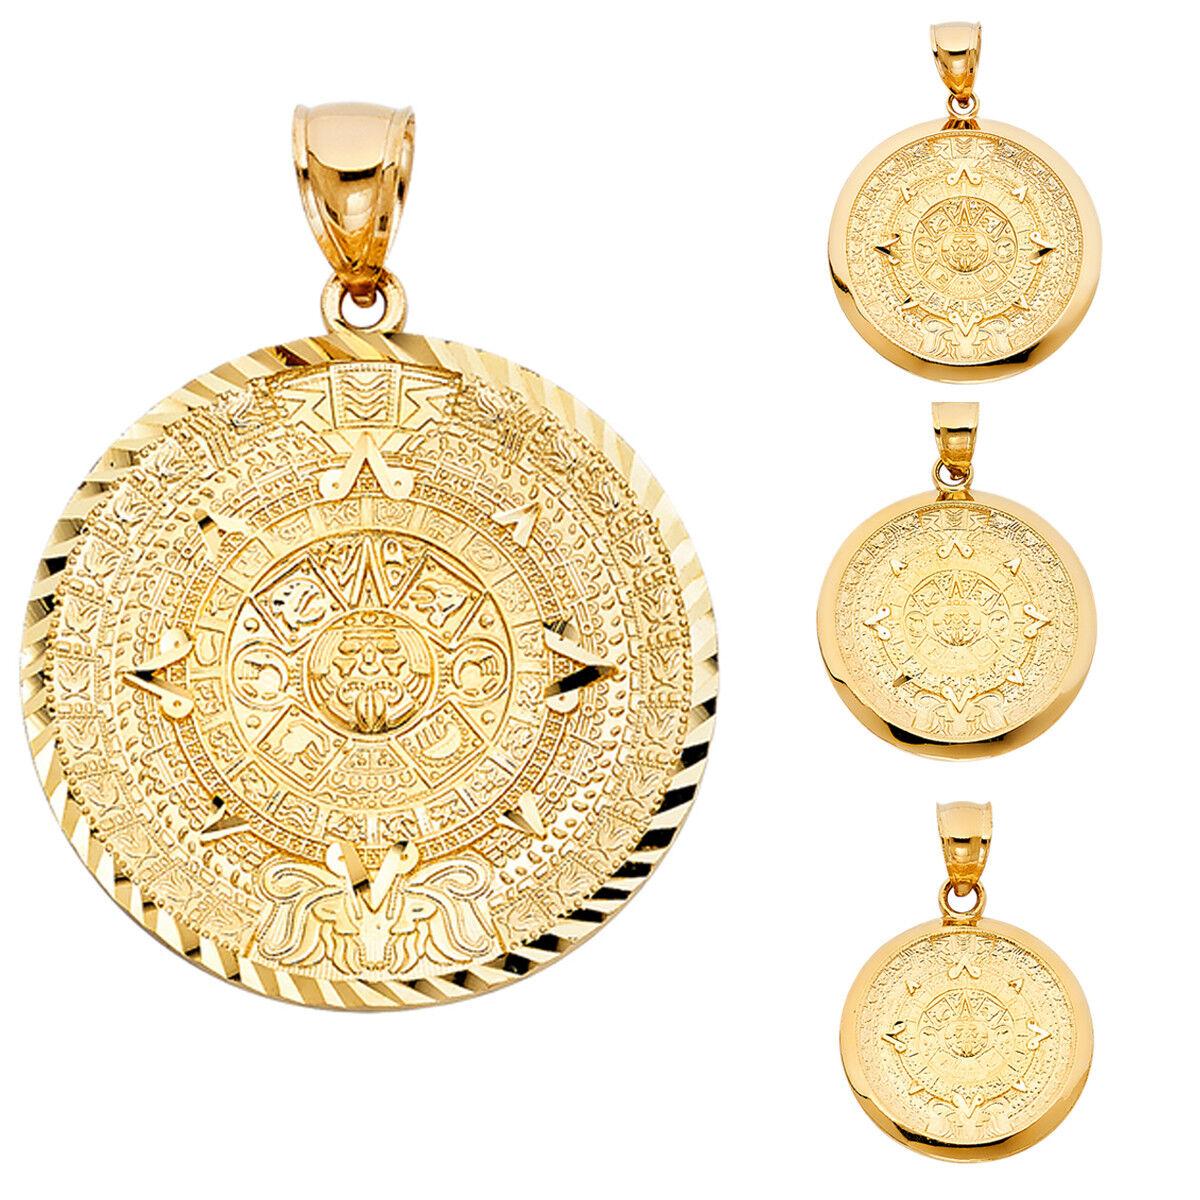 14k Real Yellow gold Calendario Azteca Pendant Collection For Men Women